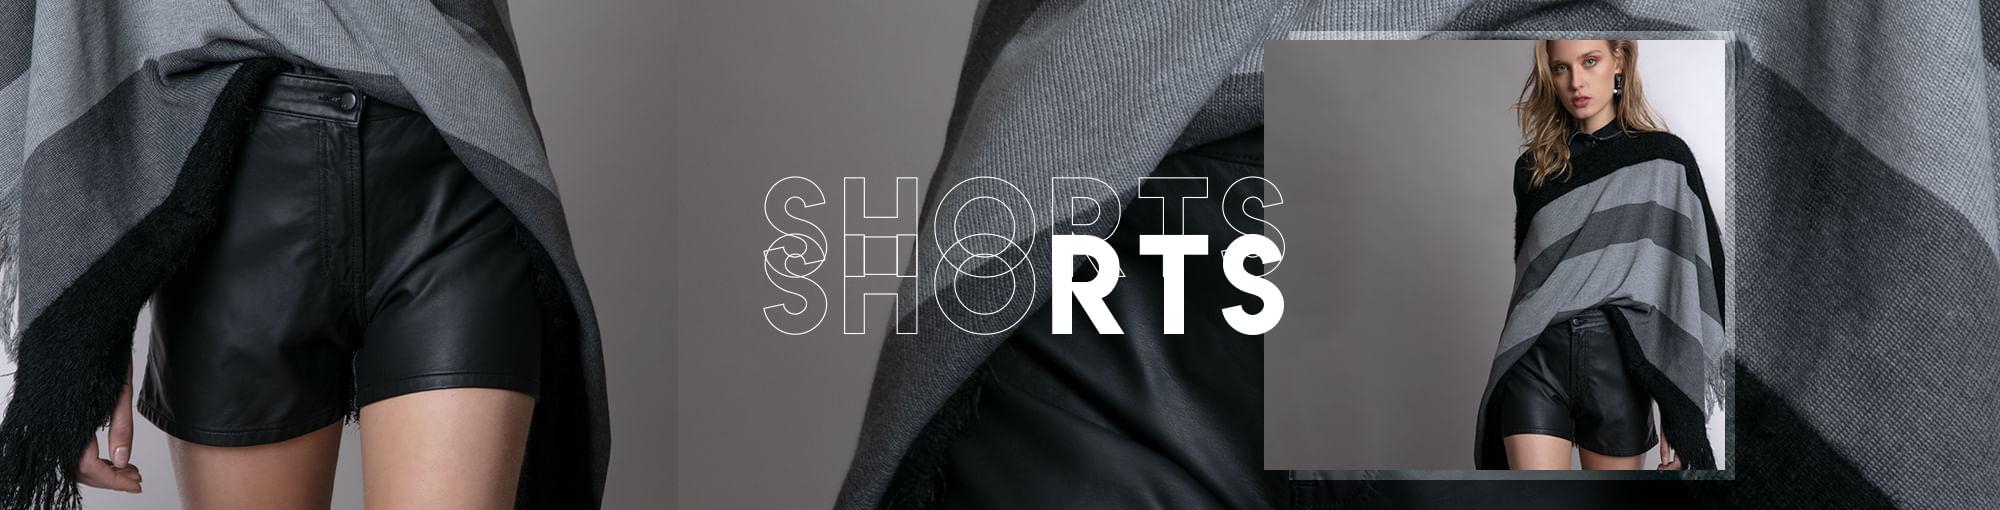 f1a935c3f1 Os melhores modelos de shorts só aqui na MOB. Confira!